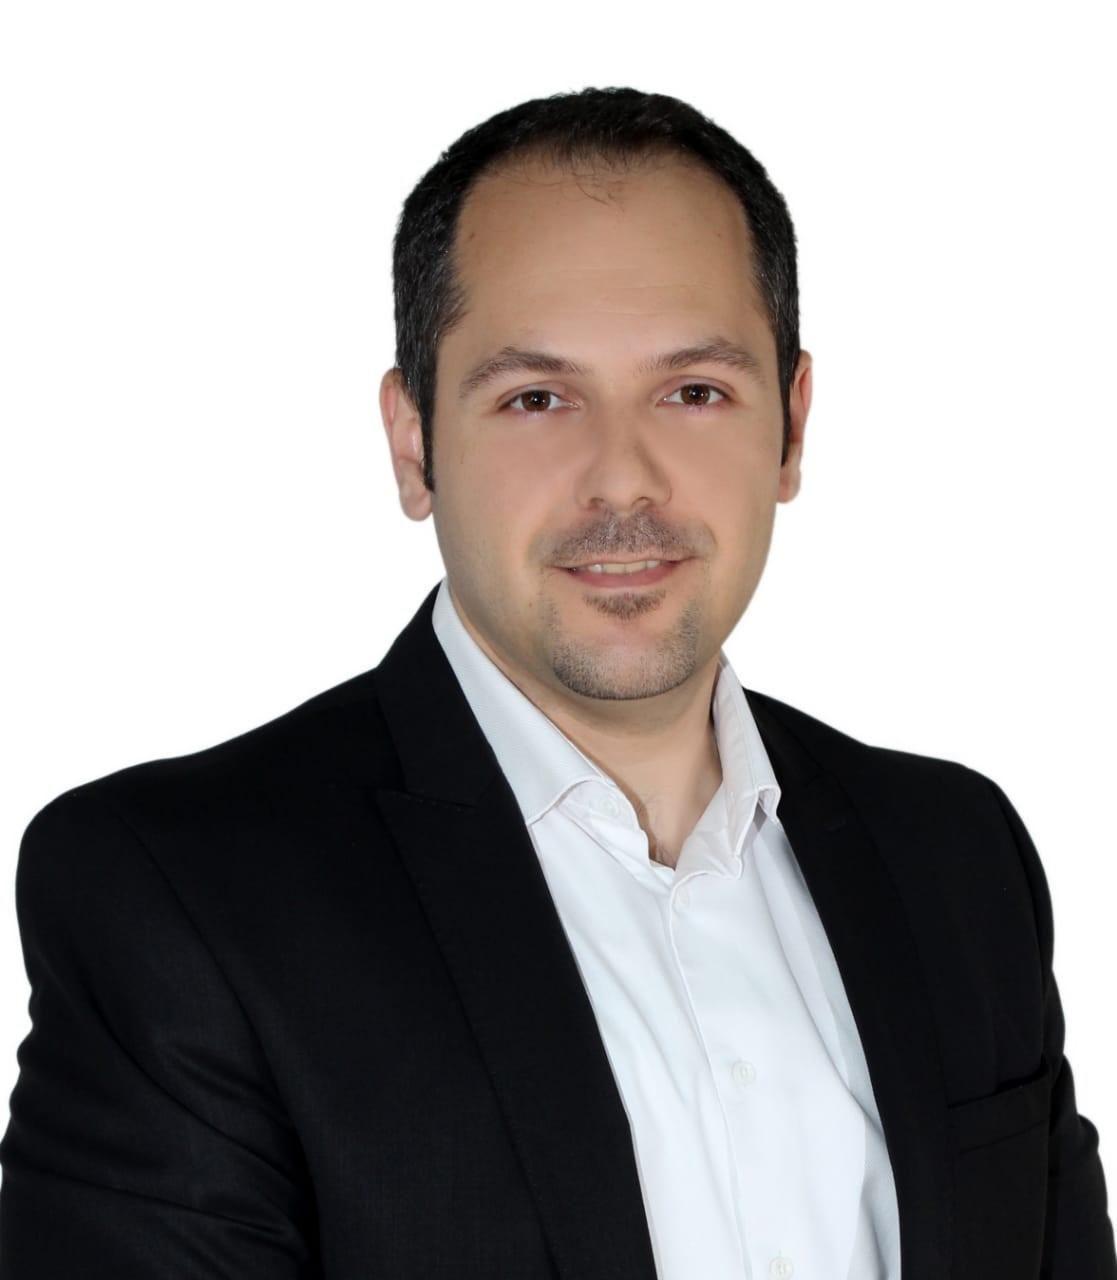 Dr. Jacques Khouri